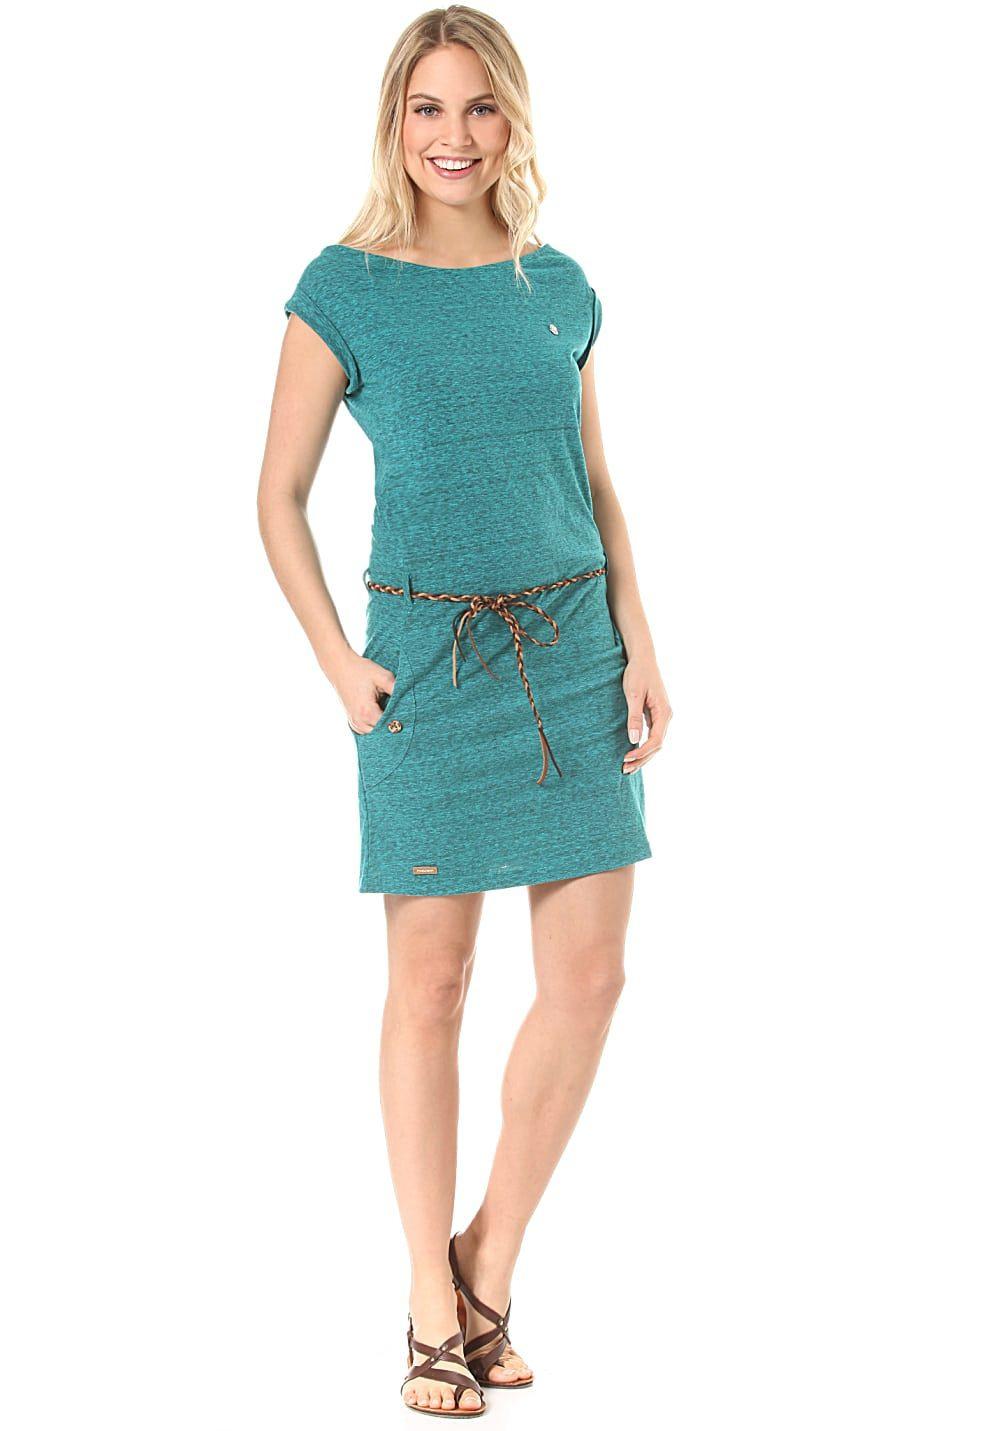 Ragwear Tag Kleid Für Damen Frauenmode Fashion